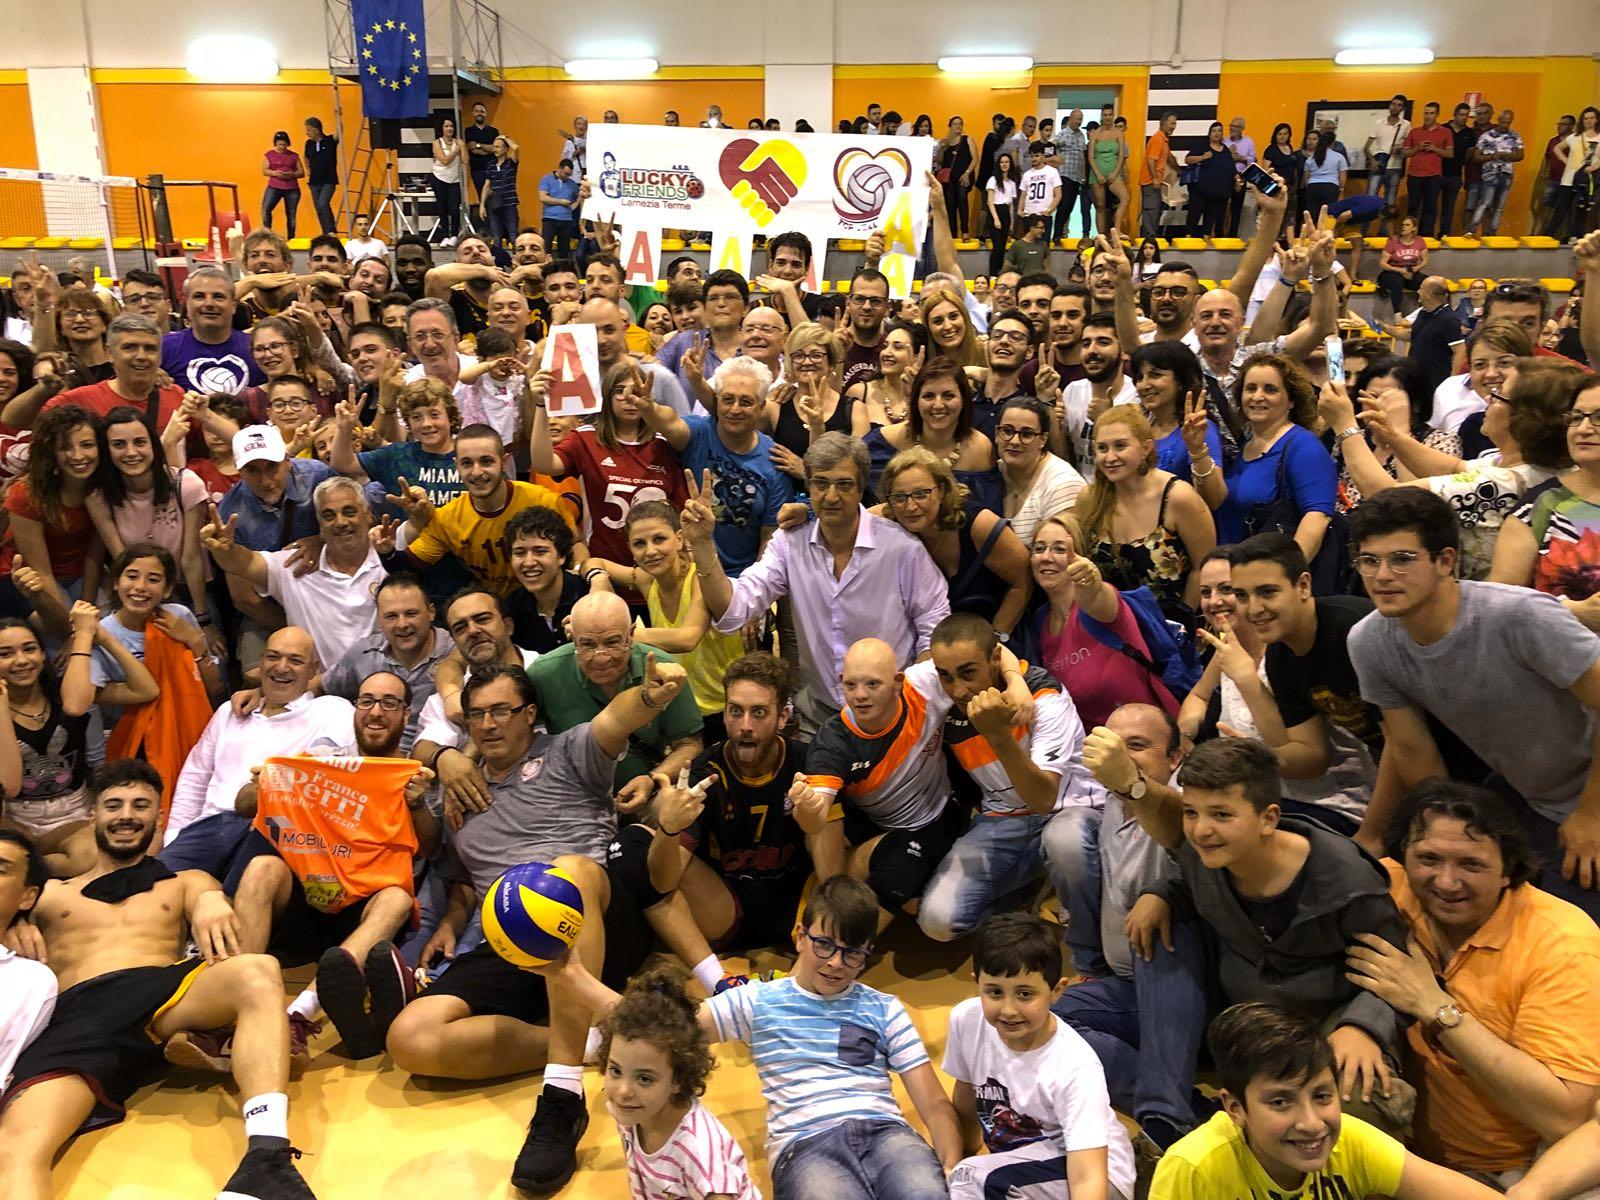 Volley, la Conad Lamezia approda in Serie A2Decisiva la vittoria in gara 3 contro l'Aversa